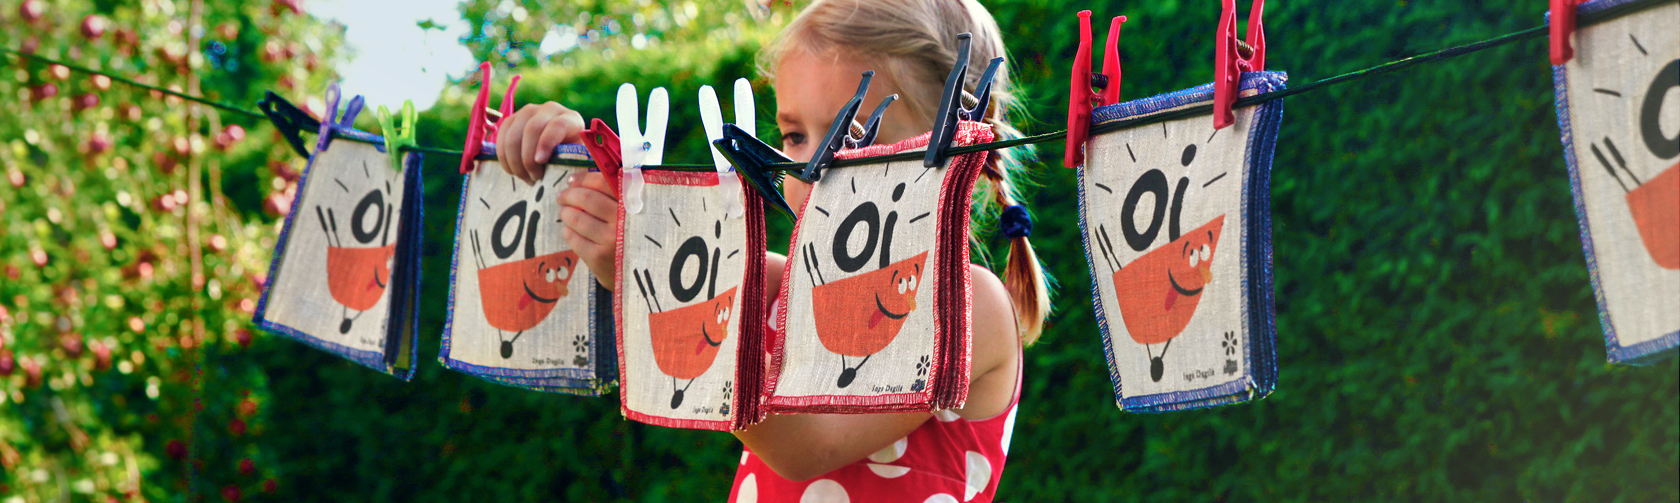 Lininė skalbiama knyga vaikams